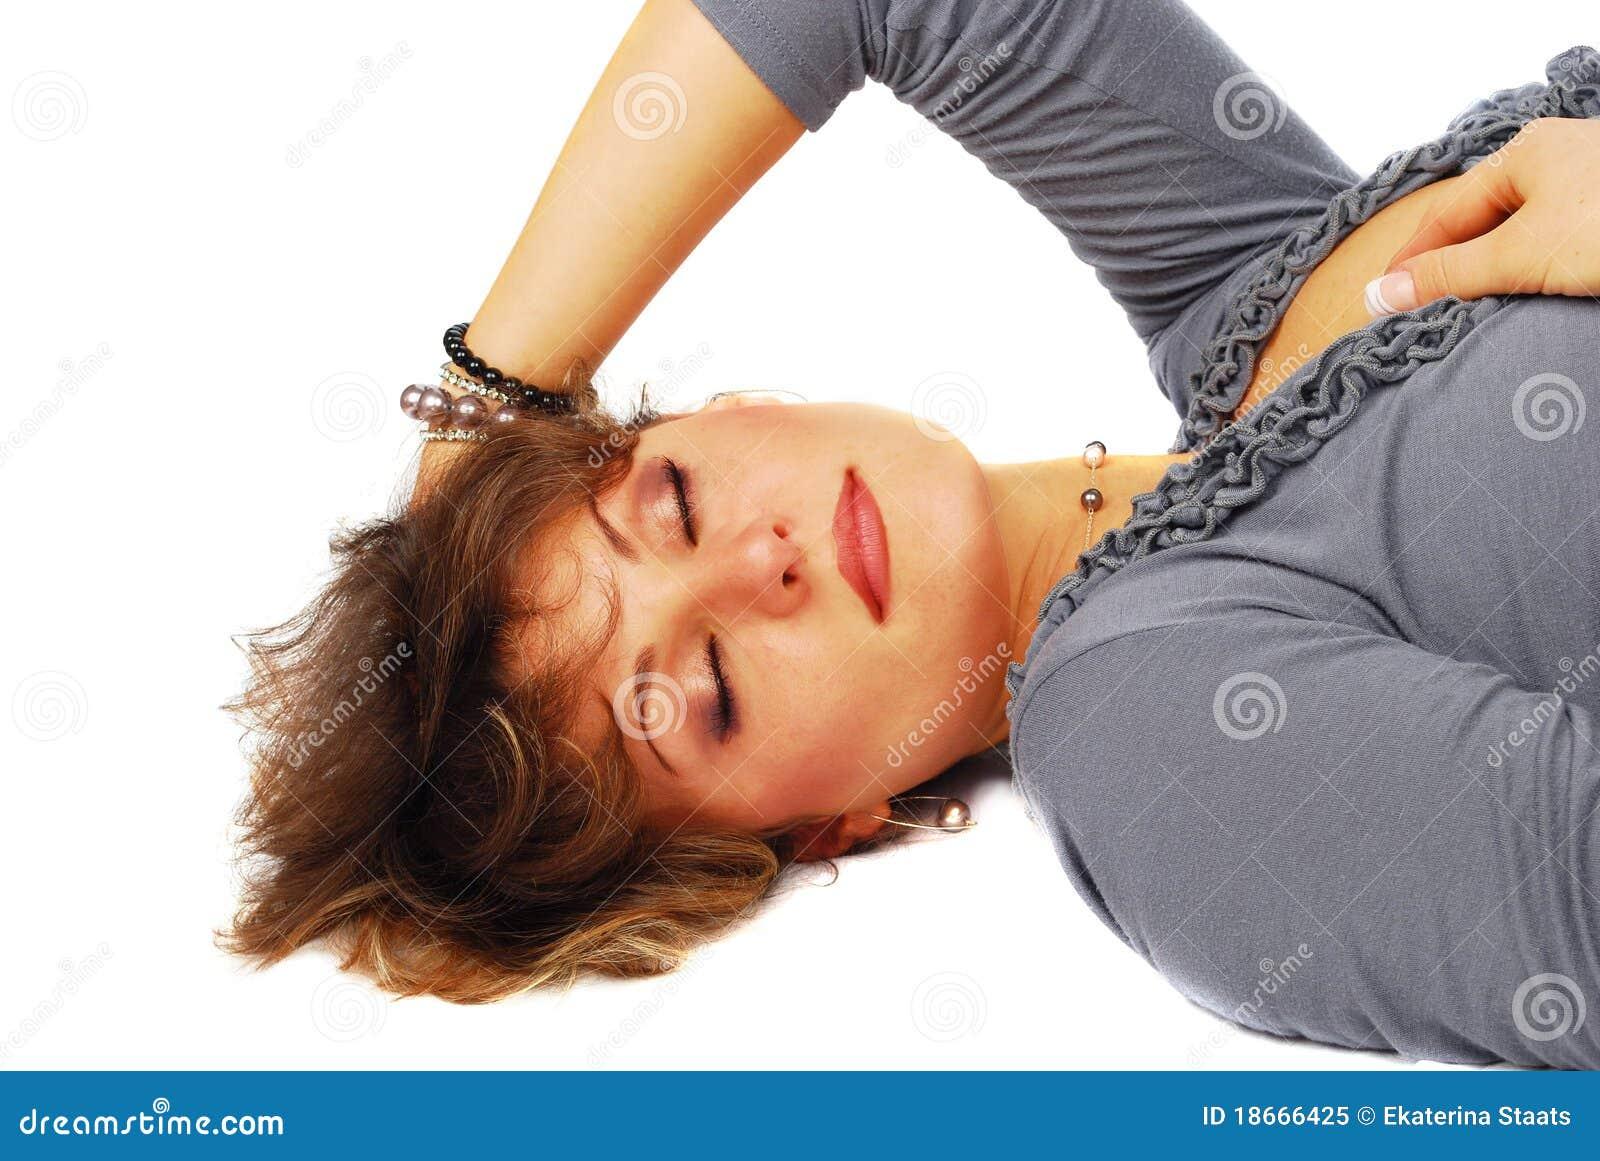 Sömnig kvinna